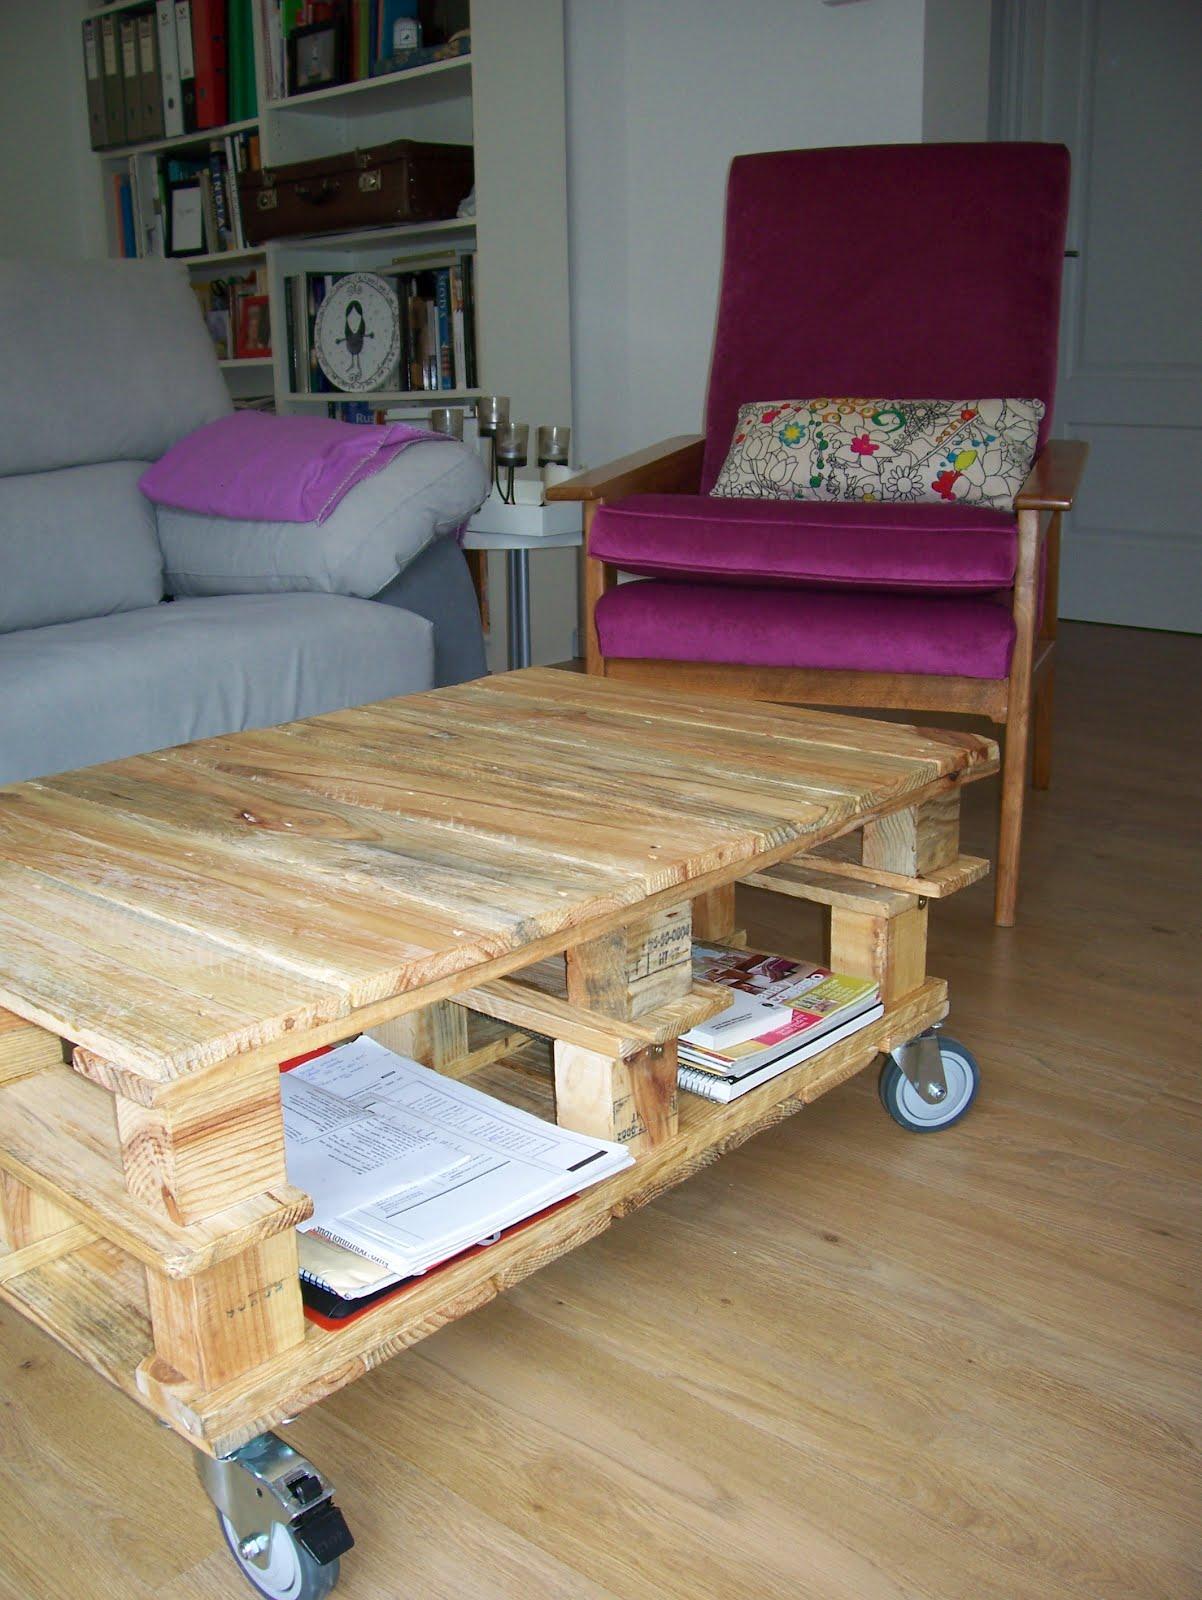 Chiribambola nuevo proyecto mesa de pallets con ruedas for Mesa palets ruedas